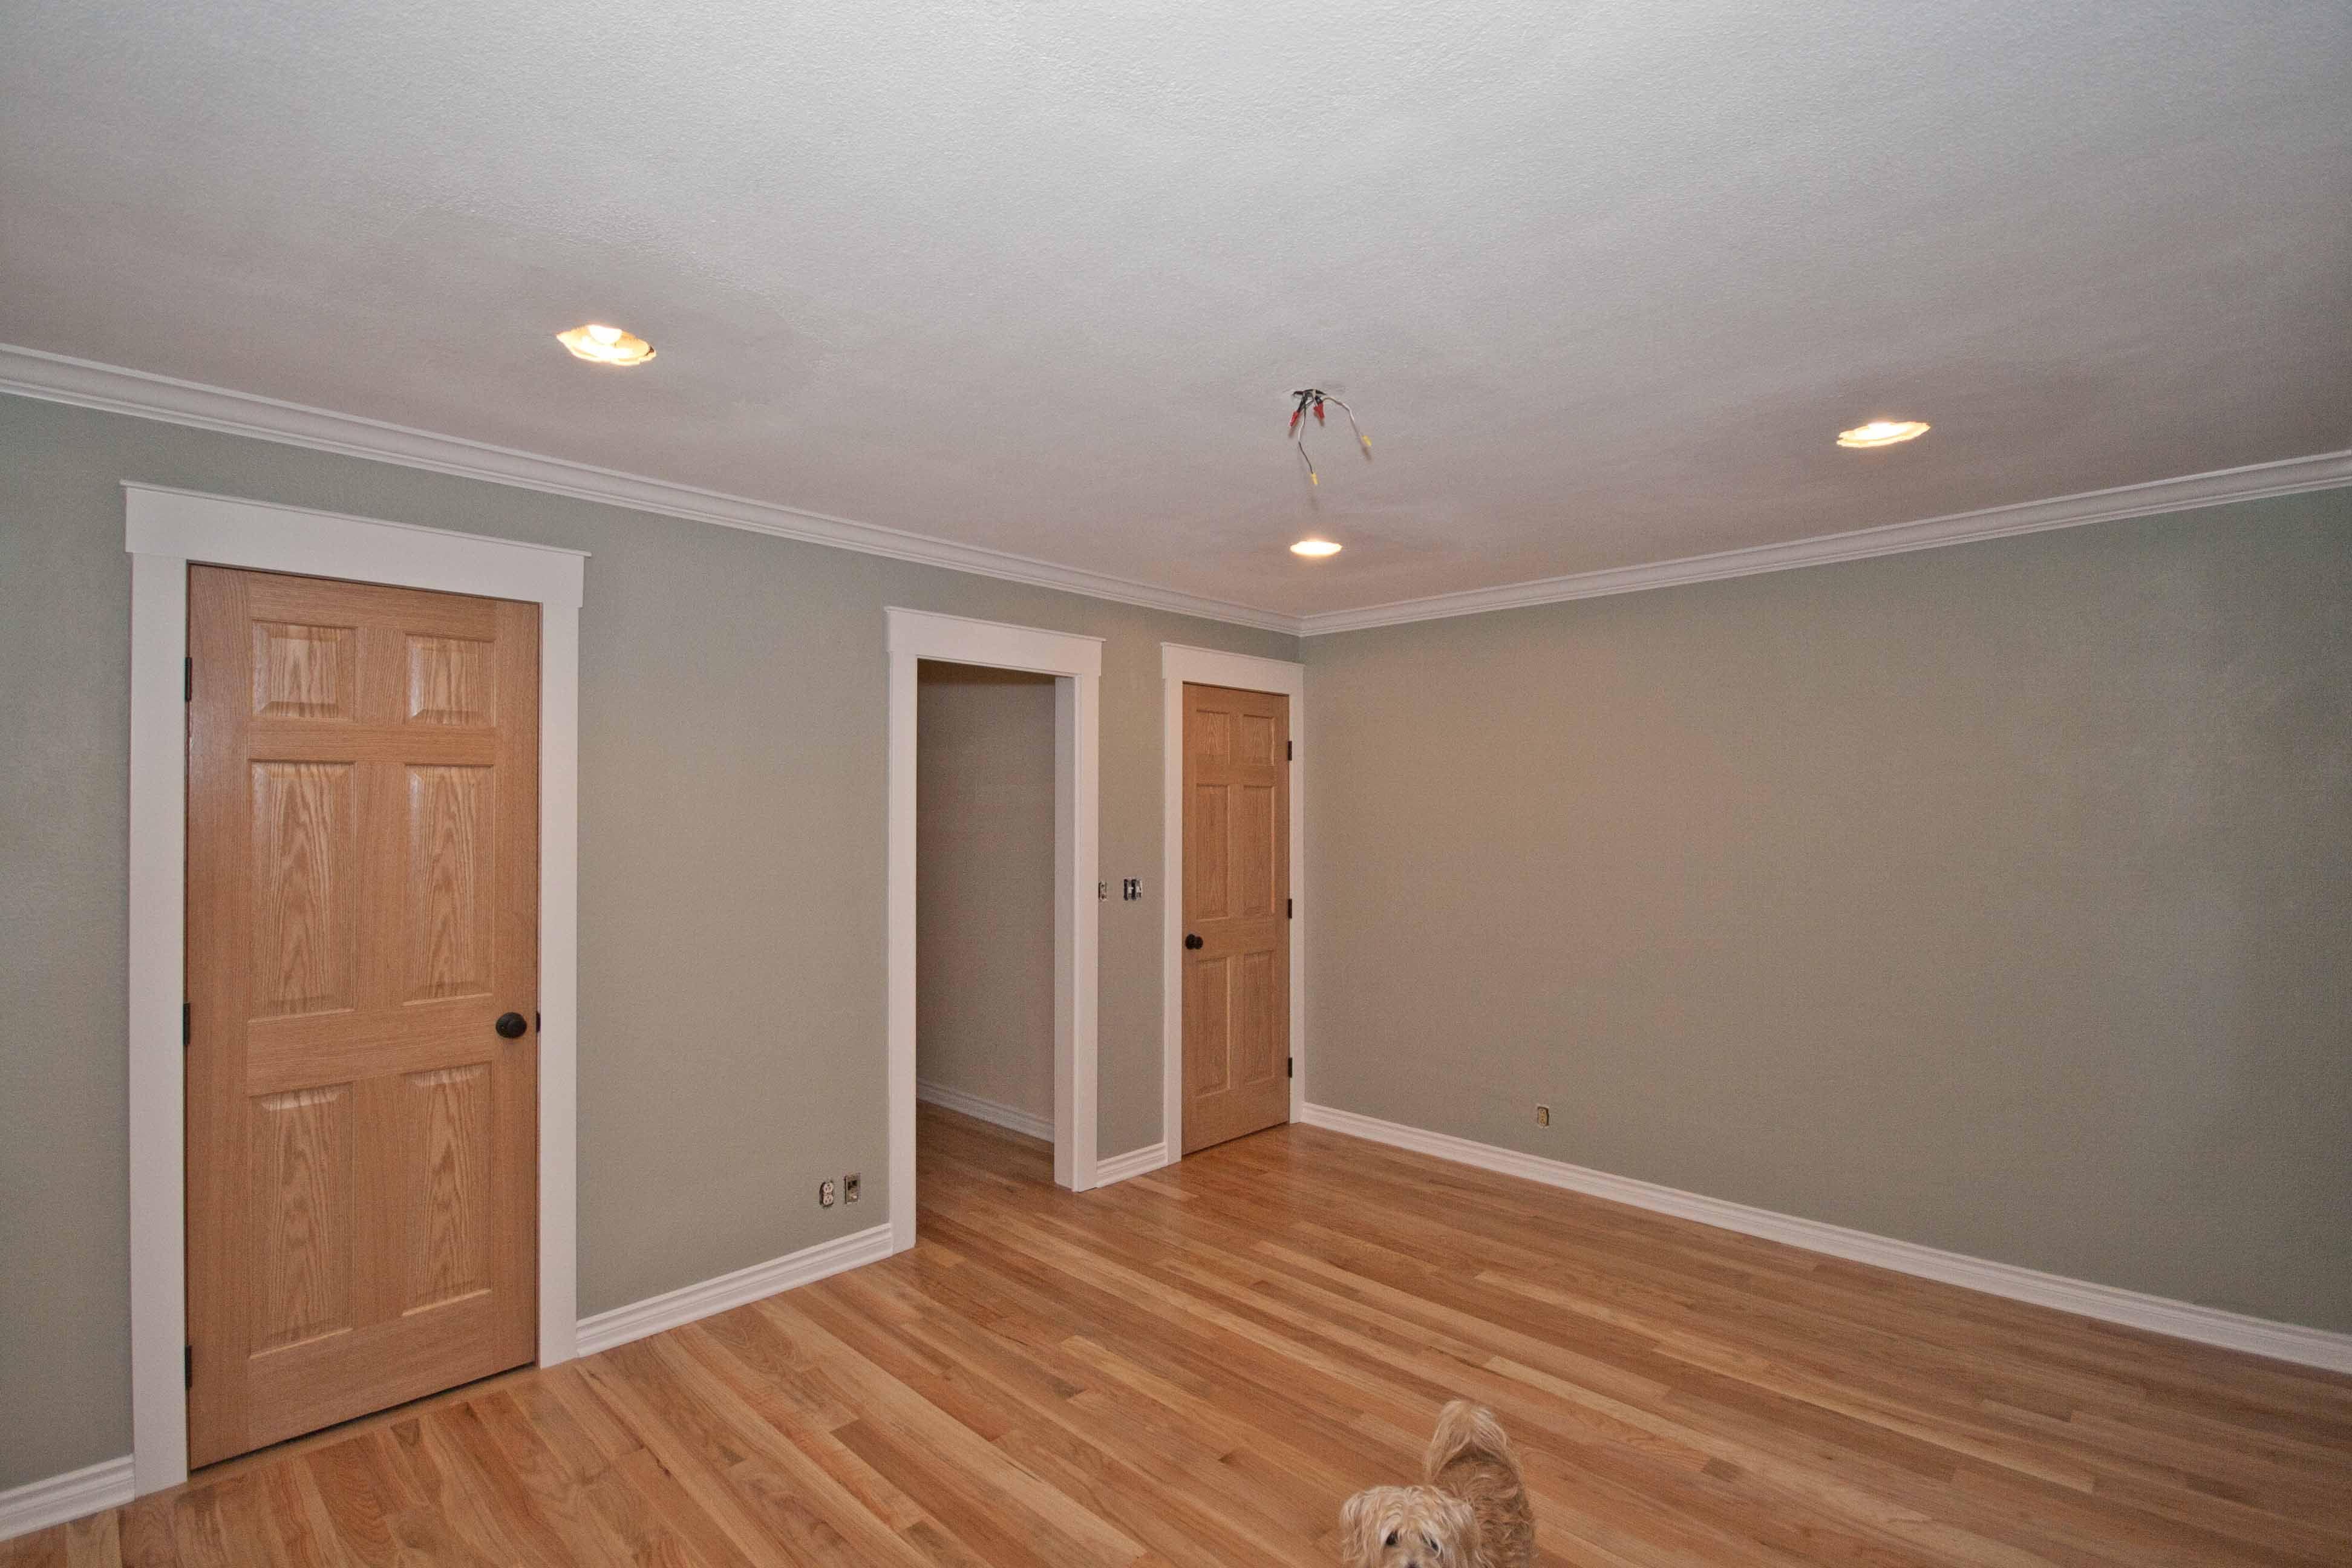 Illuminazione Corridoio Lungo E Stretto : Come illuminare un corridoio buio come arredare il corridoio idee